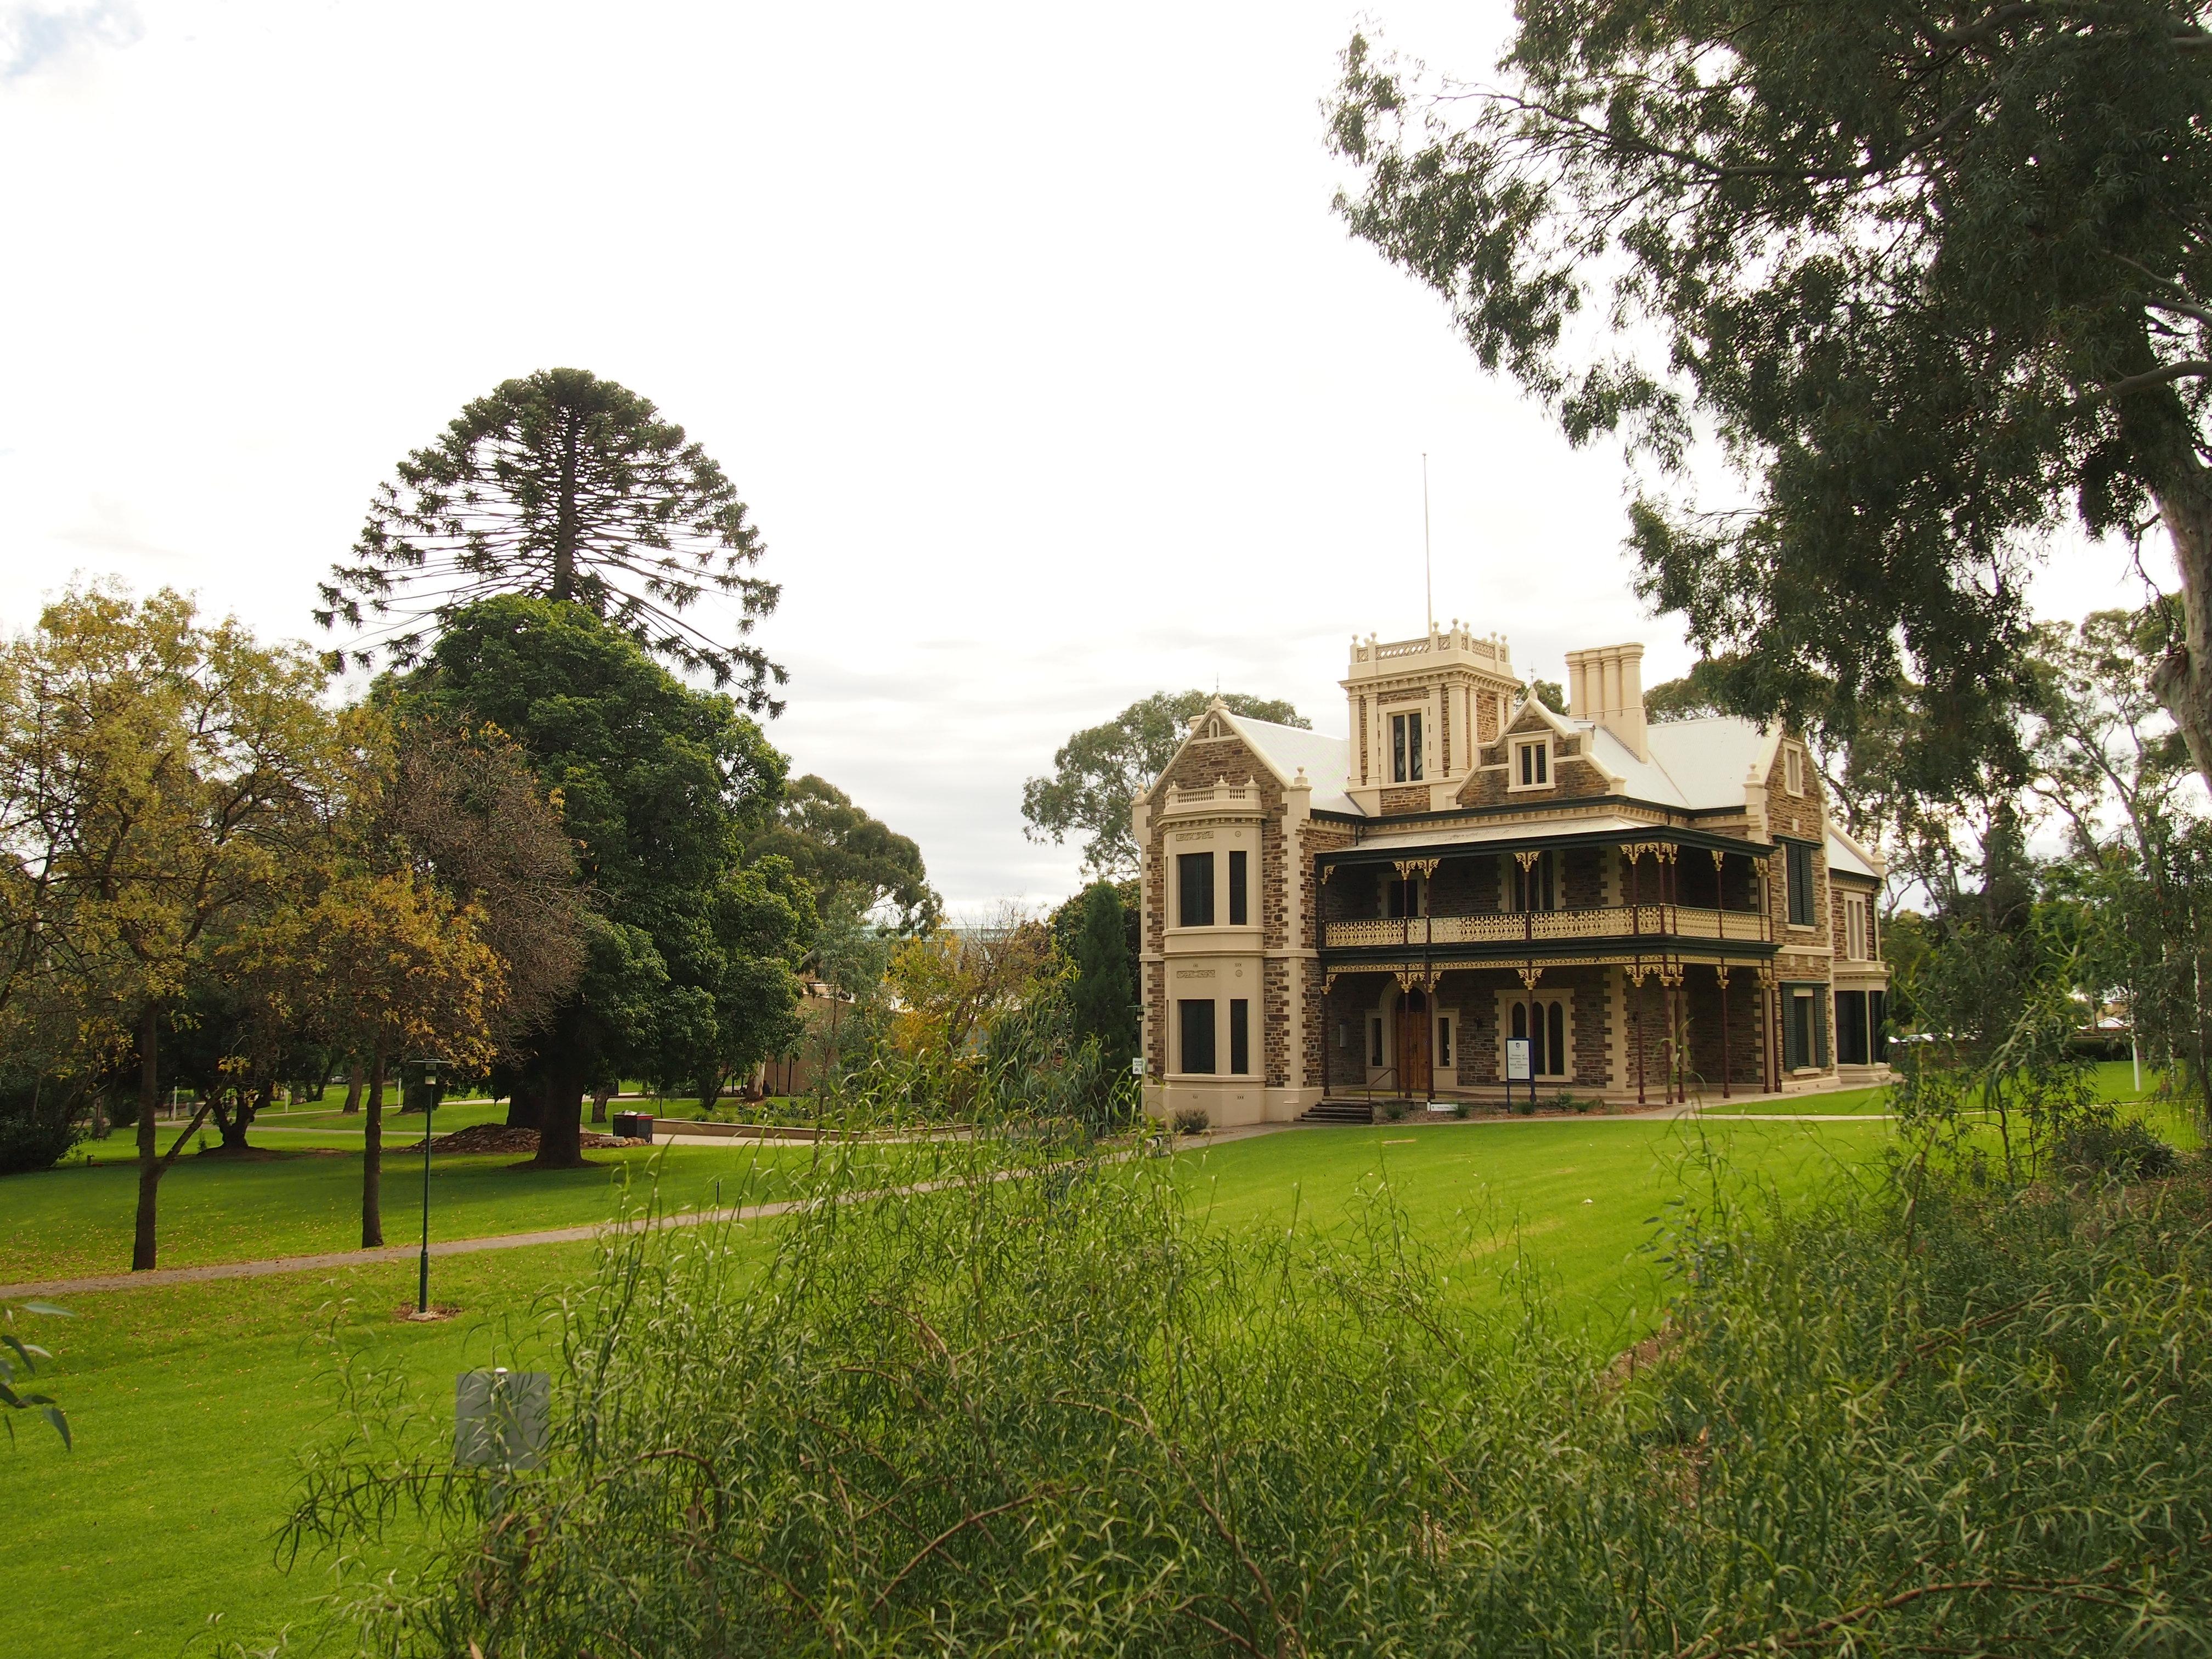 Wirrabara Australia  city photos : Public life[edit] Wirrabara, Australia